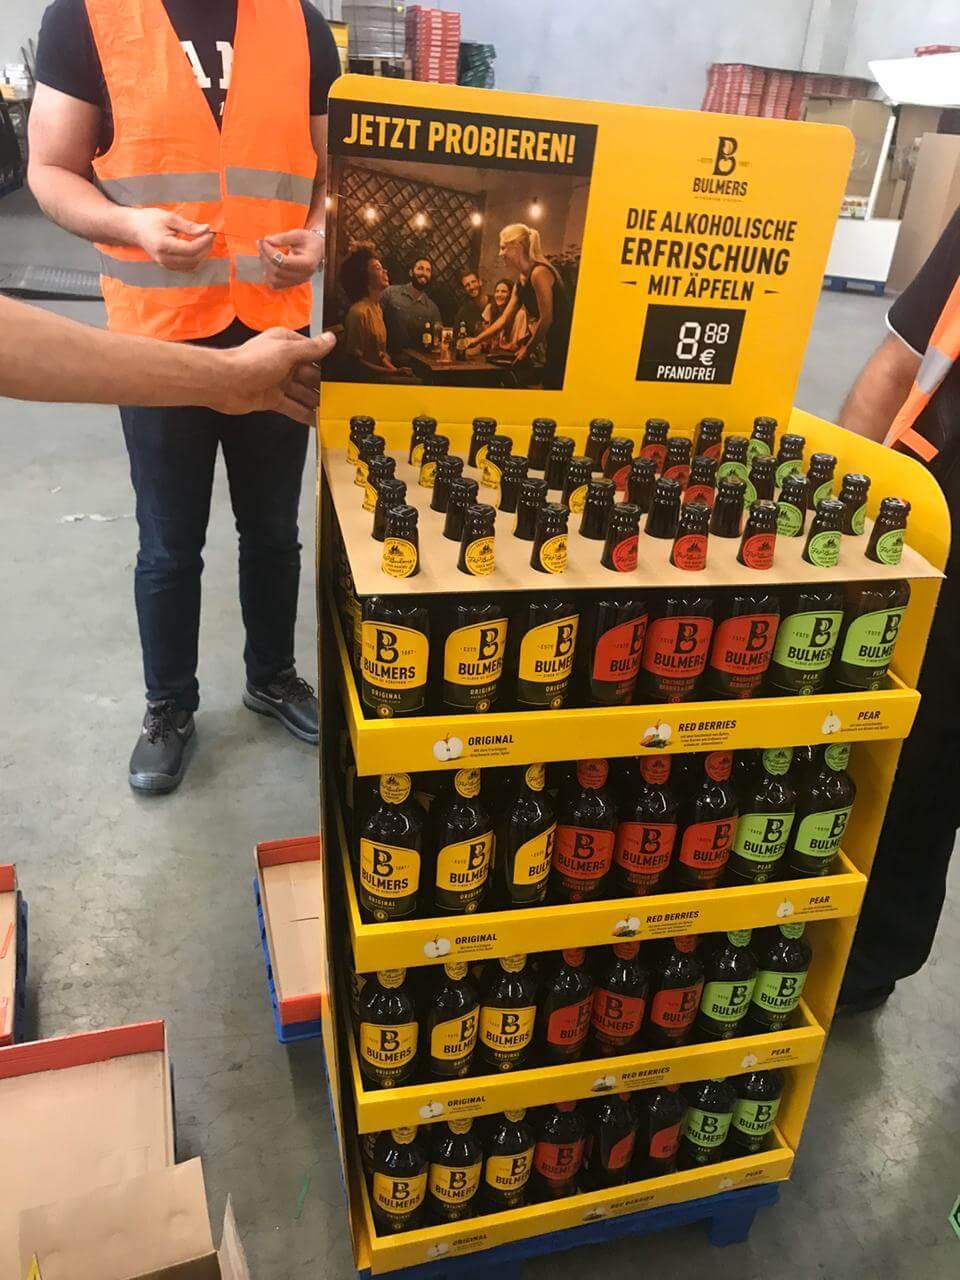 условия работы на складе пива в германии от виза маркет 5 фото